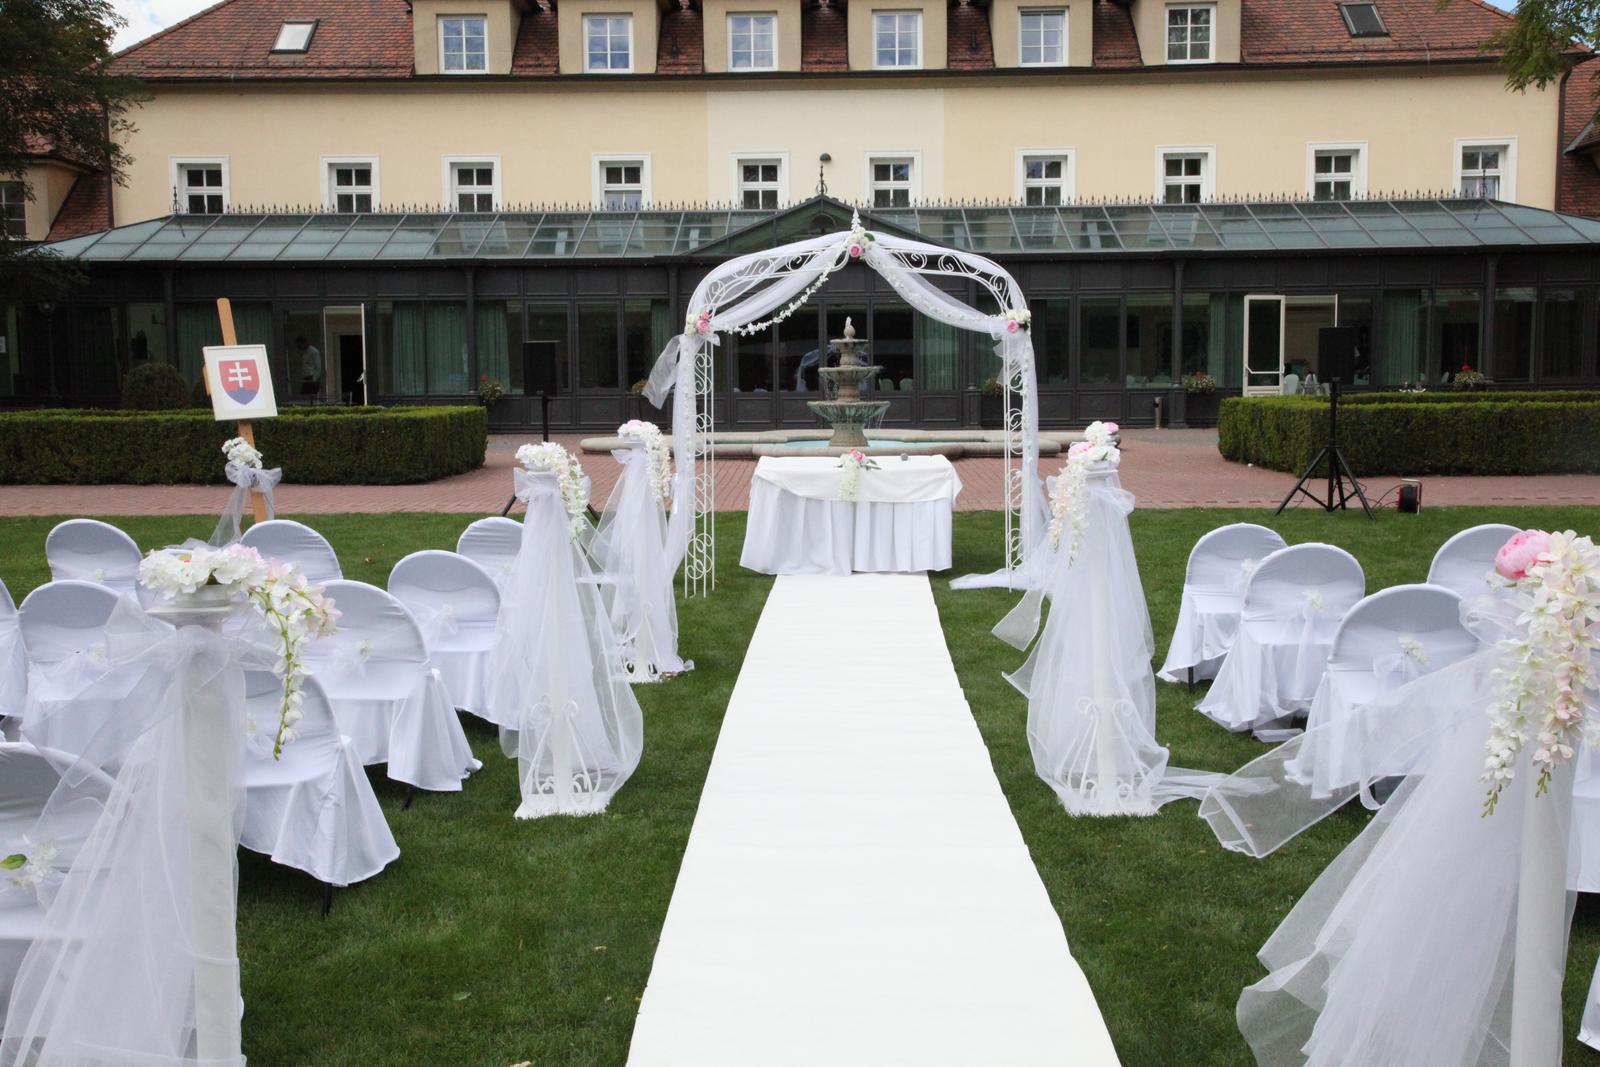 Stĺpiky na svadobný obrad - Obrázok č. 3